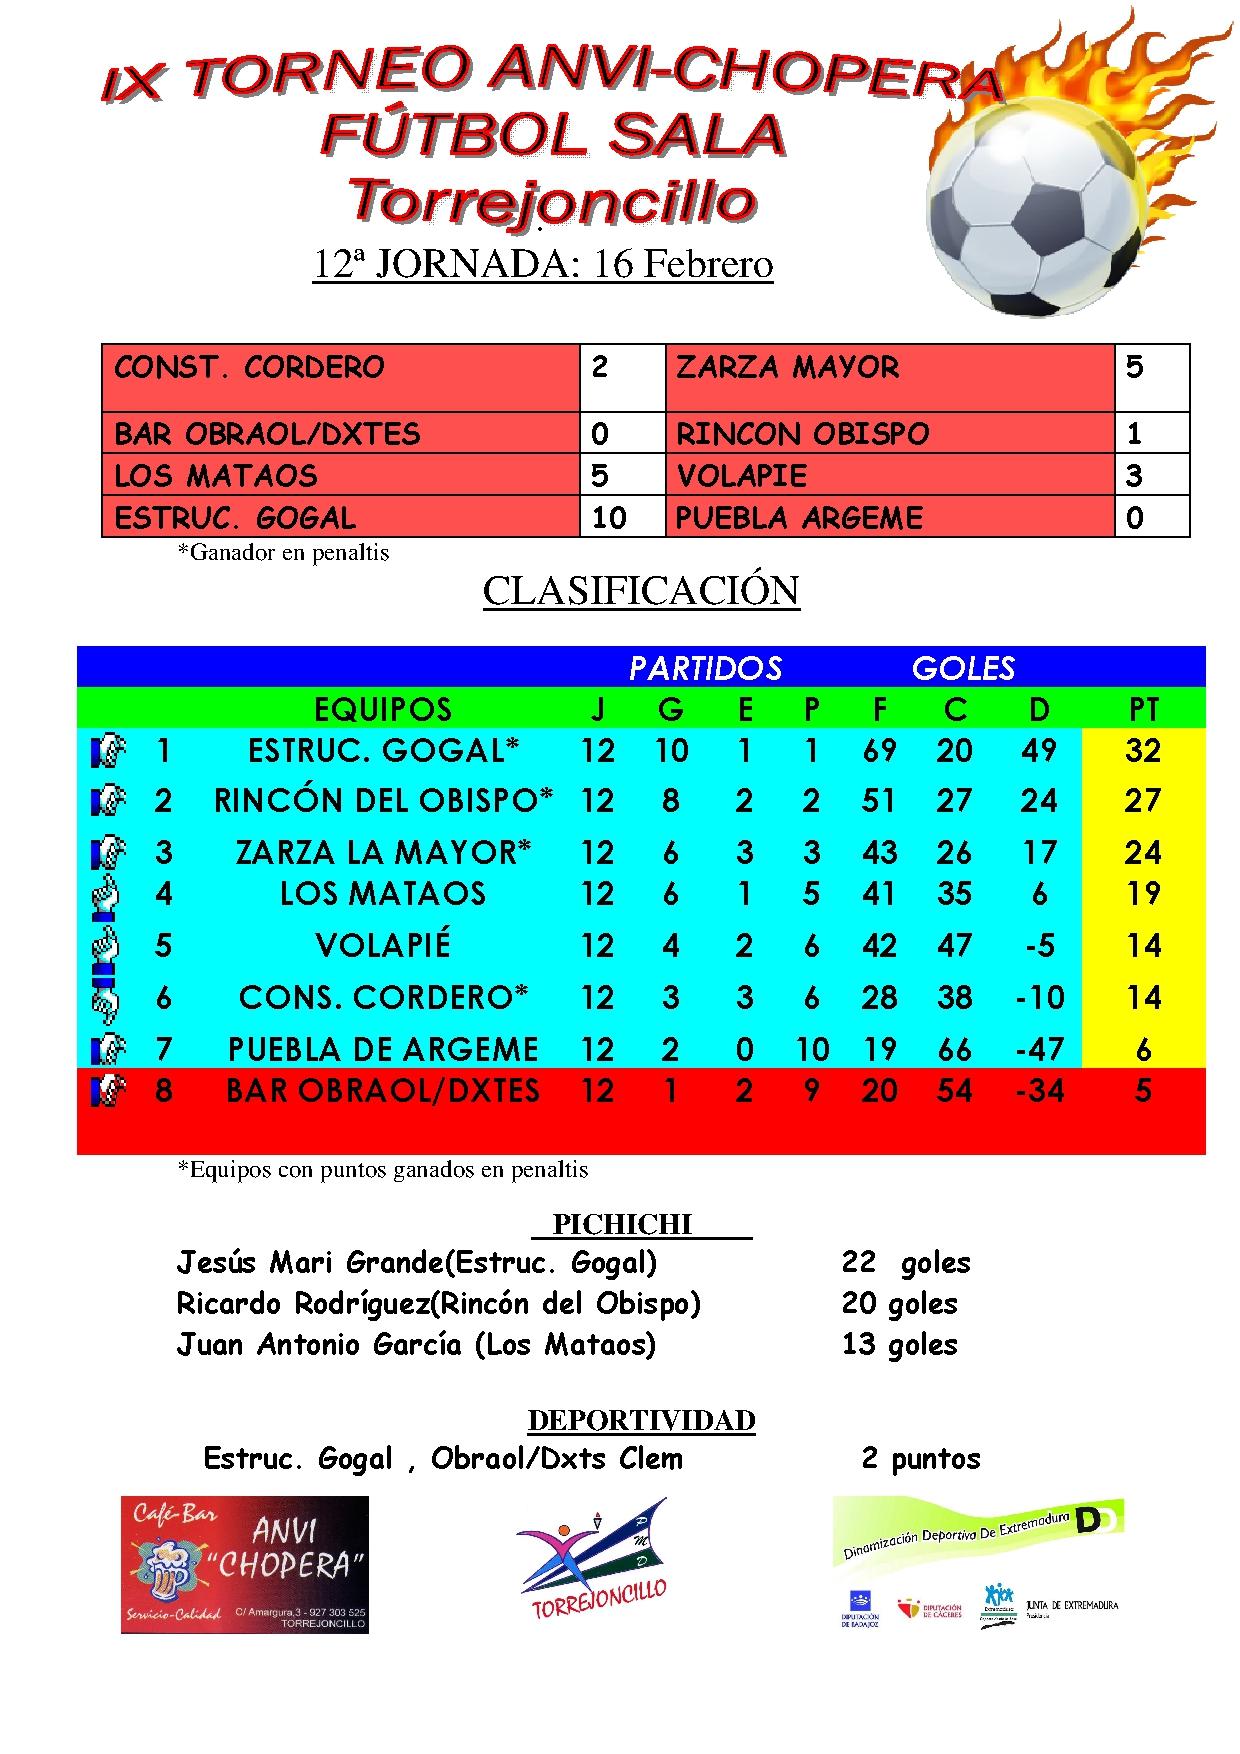 """Liga Local """"Anvi-Chopera"""" de Fútbol Sala: Resultados 12ª Jornada y Horarios 13ª Jorn."""